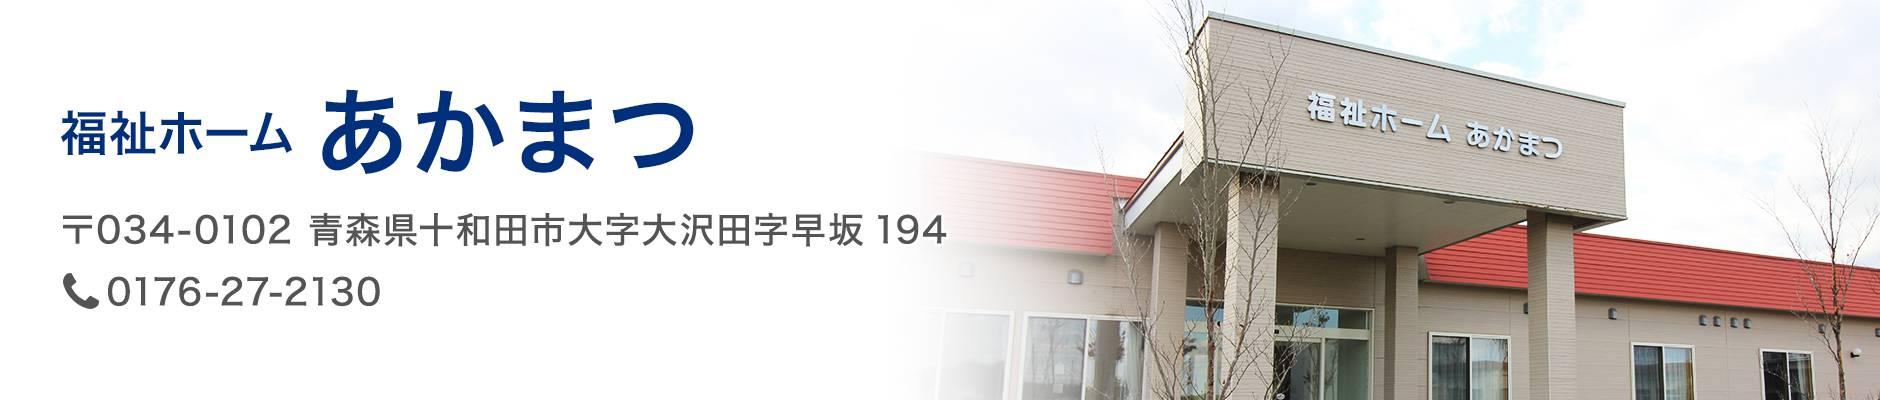 福祉ホーム あかまつ 〒034-0102 青森県十和田市大字大沢田字早坂194 TEL:0176-27-2130